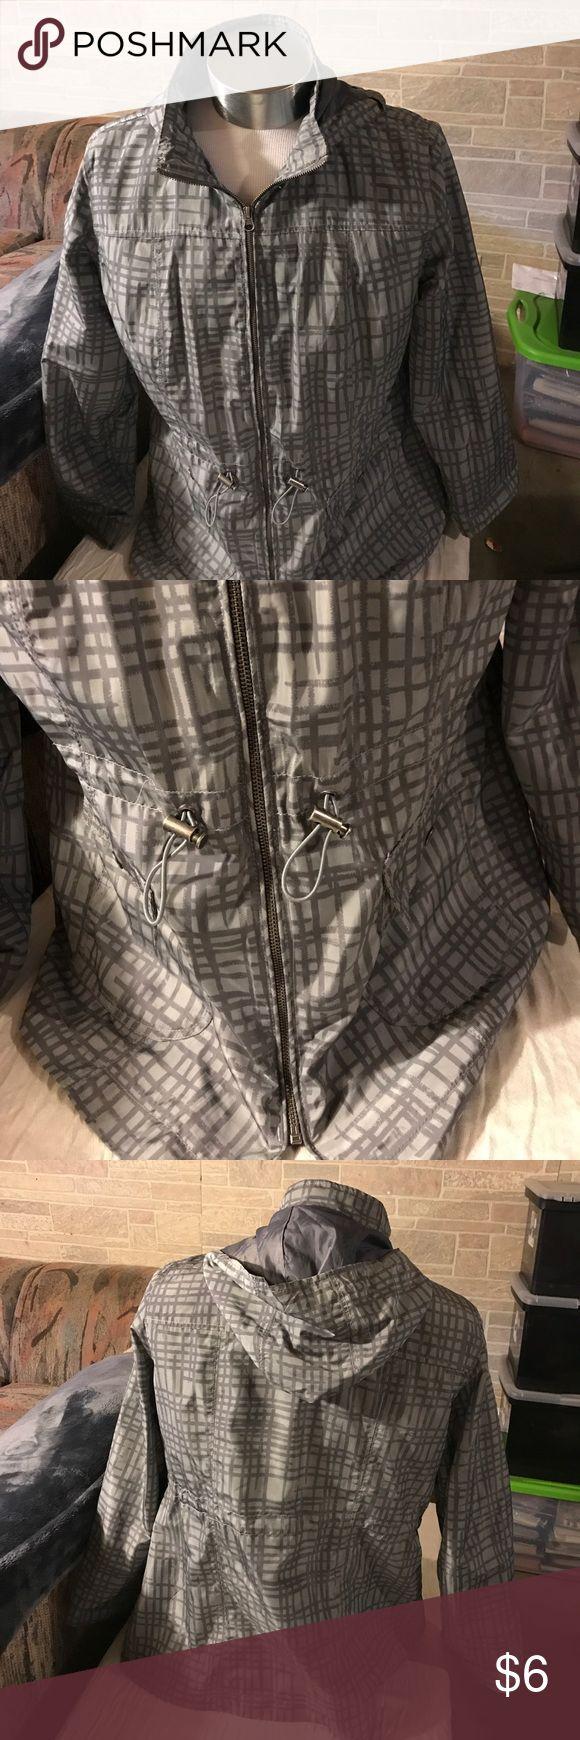 Women's rain jacket Light and dark gray Ava & Viv Jackets & Coats